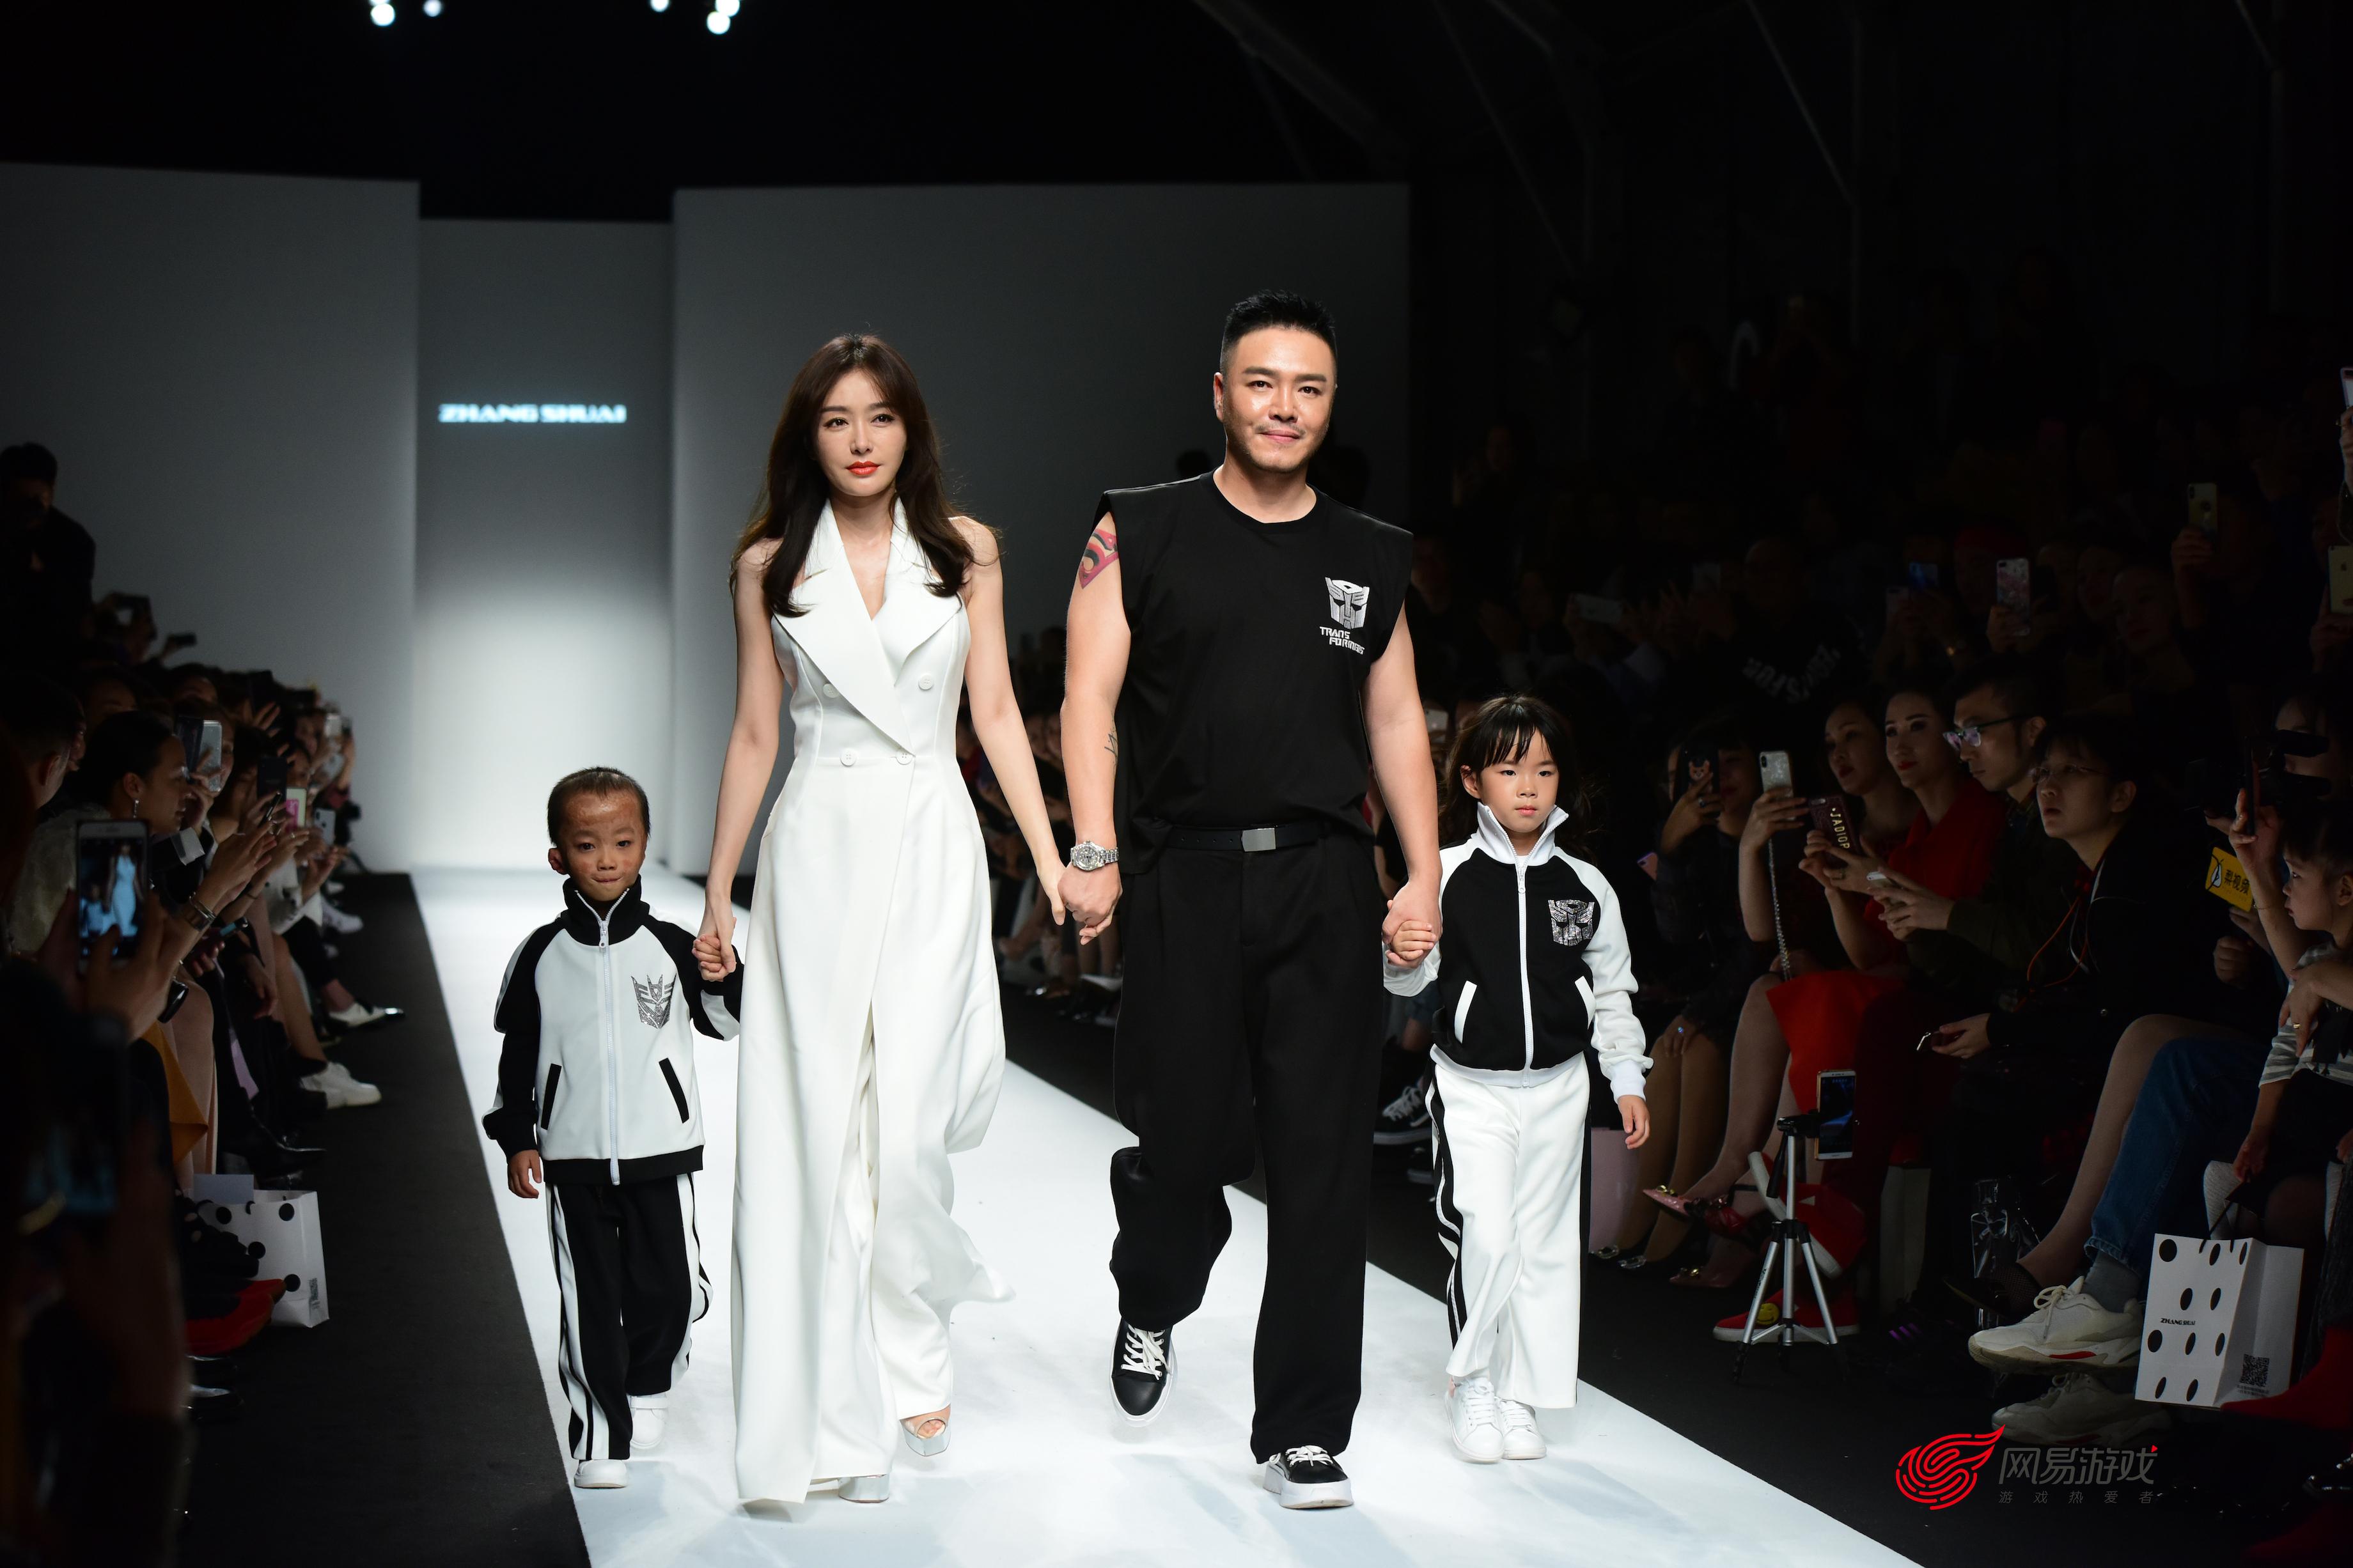 富察皇后秦岚带病谢幕,黄奕女儿参与走秀,这位设计师究竟有什么吸引力?